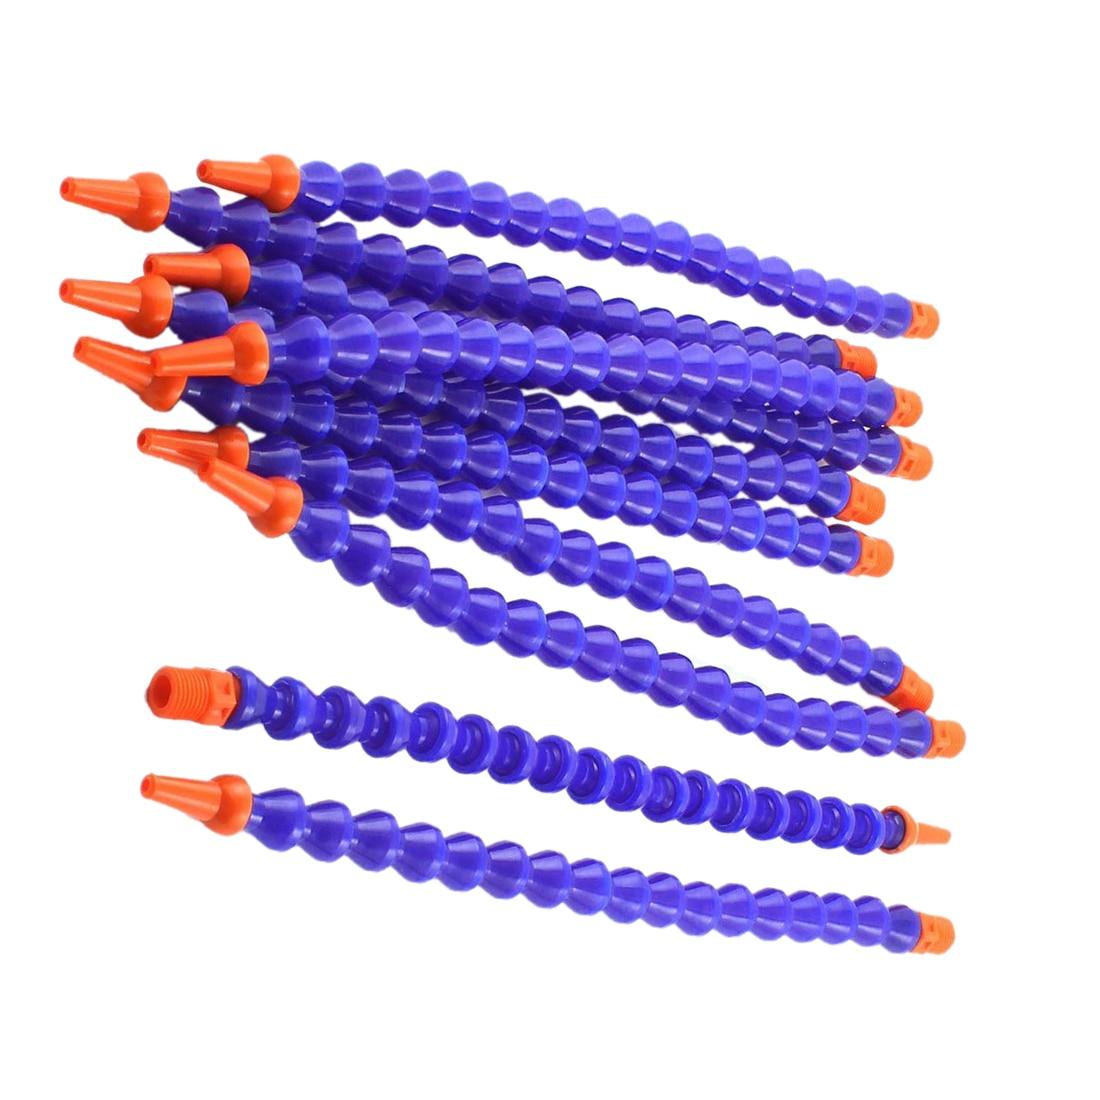 WSFS Hot 10PCS Round Nozzle 1/4PT Flexible Oil Coolant Pipe Hose Blue Orange